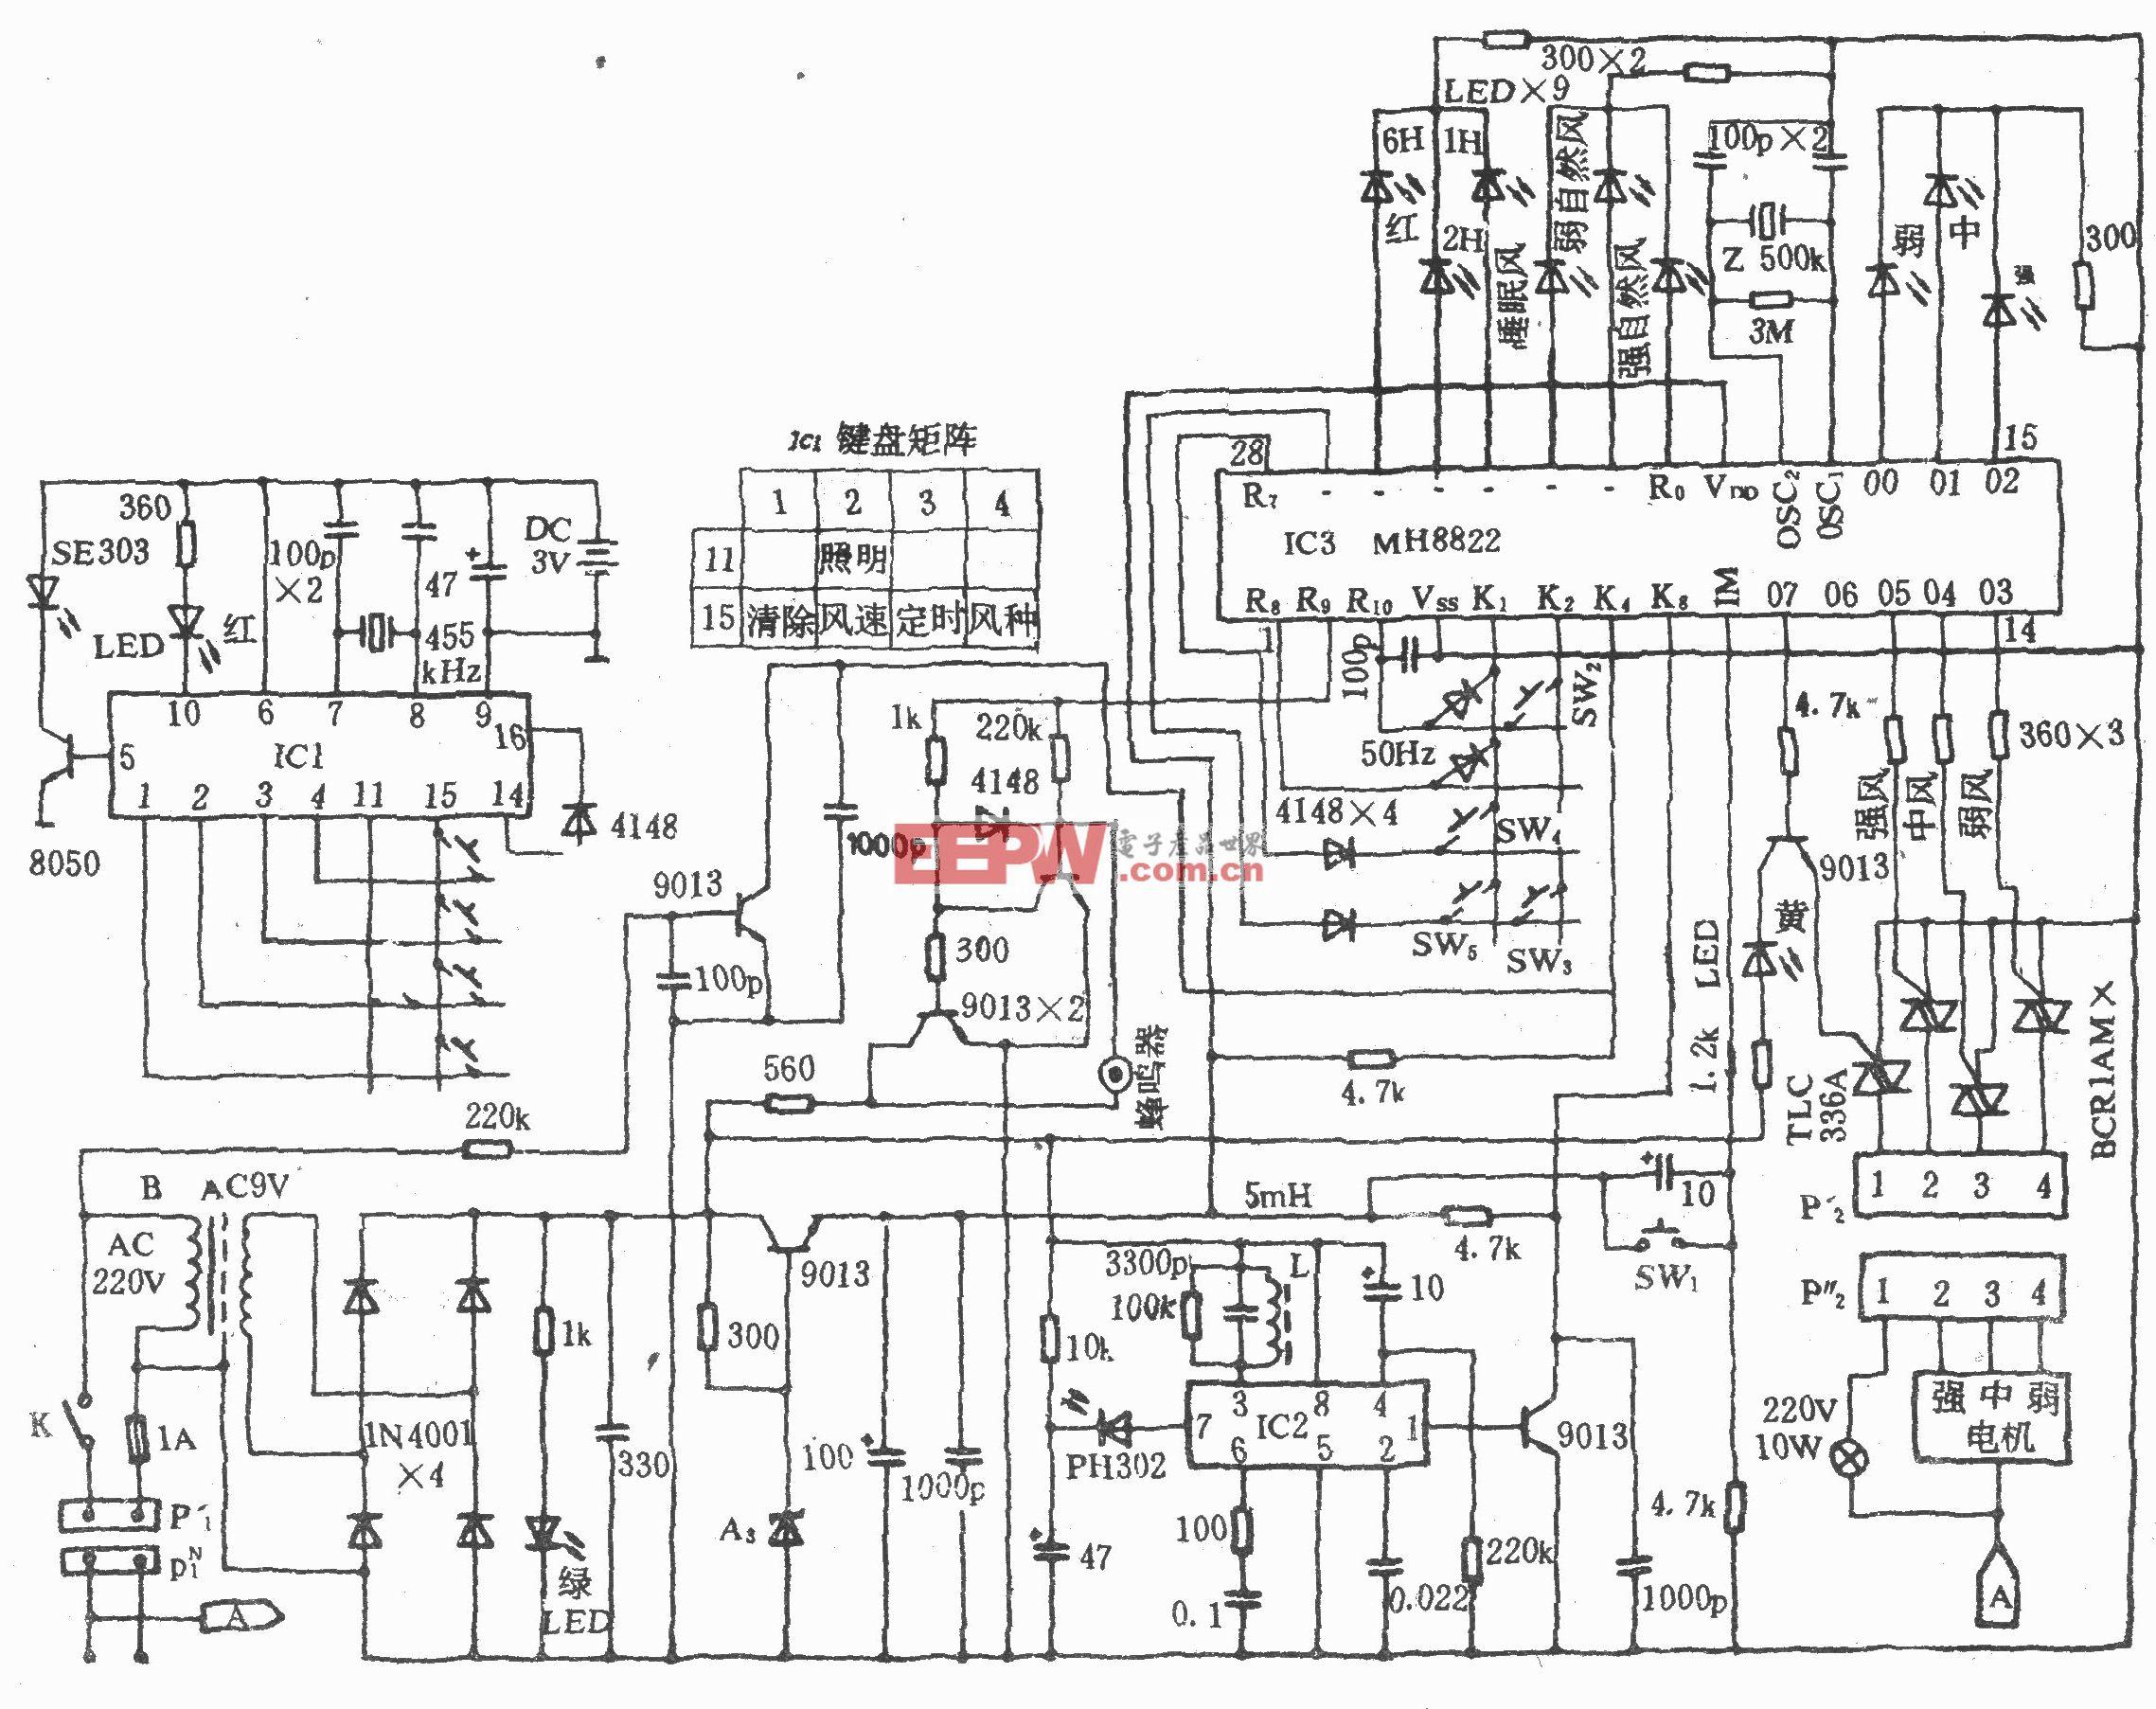 電風扇紅外遙控電路(長城FS26-40)